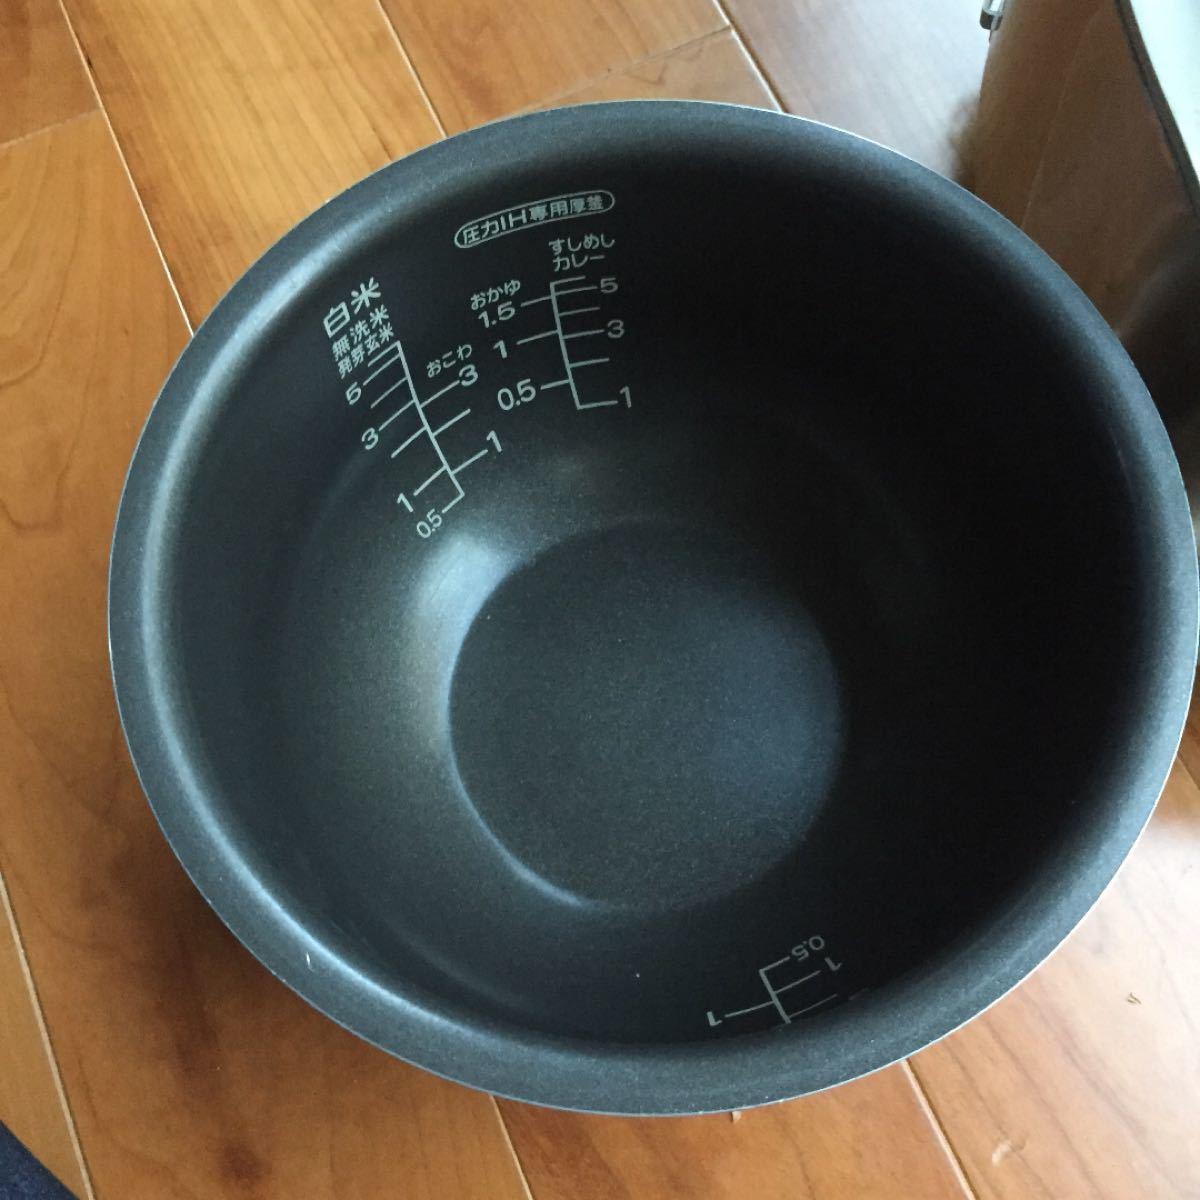 圧力IH炊飯器  銘品! サンヨー炊飯ジャー   呼び容量2.9L